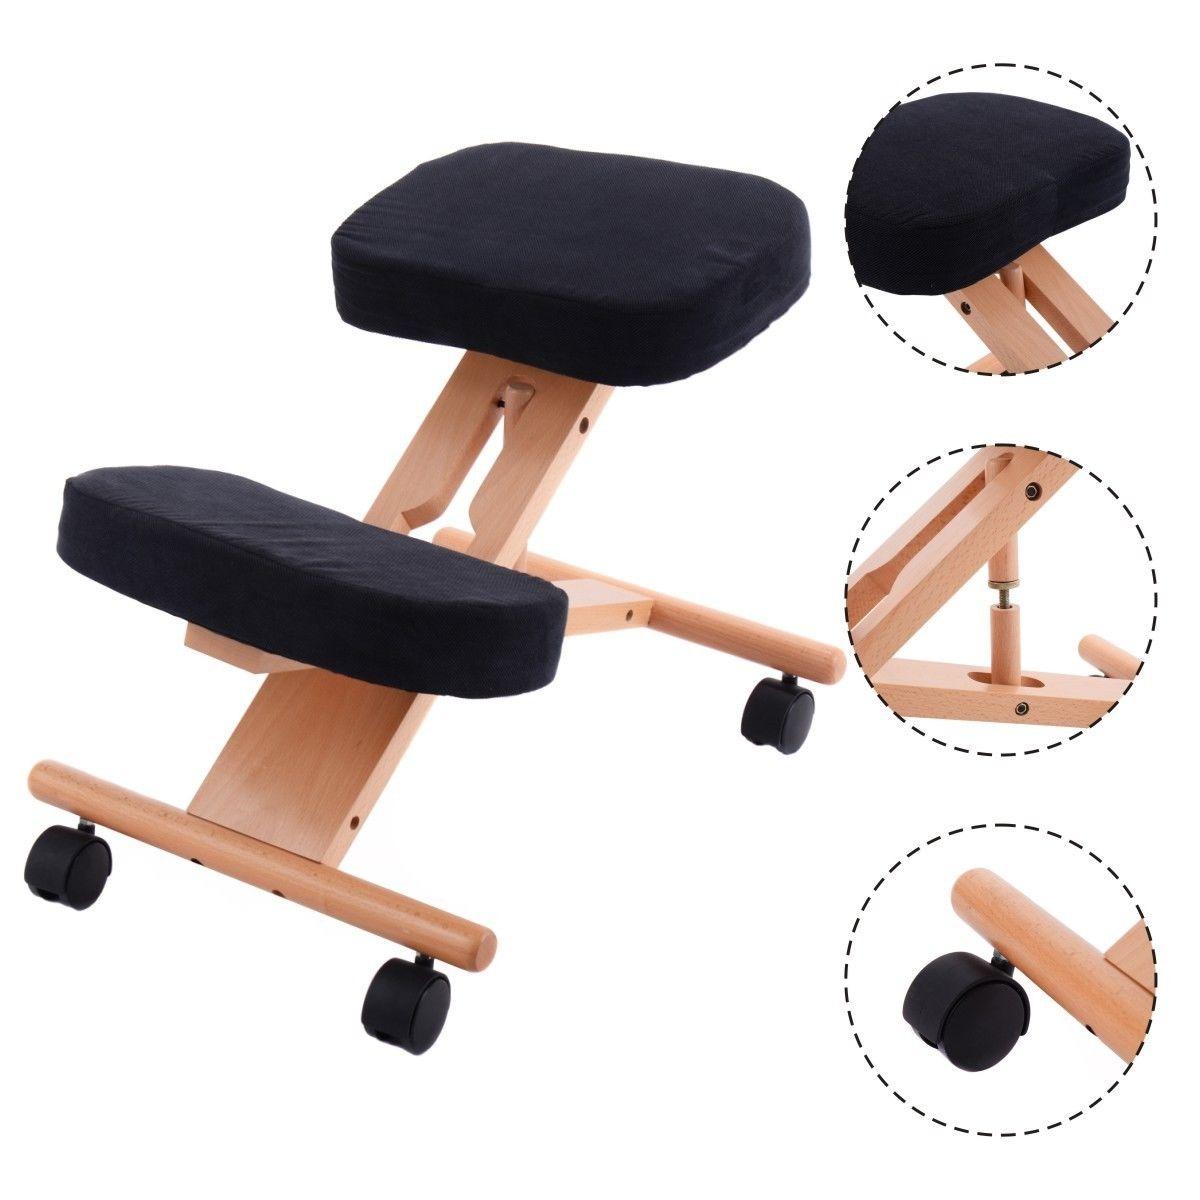 Ergon micas rodillas silla madera m vil ajustable for Silla ergonomica rodillas